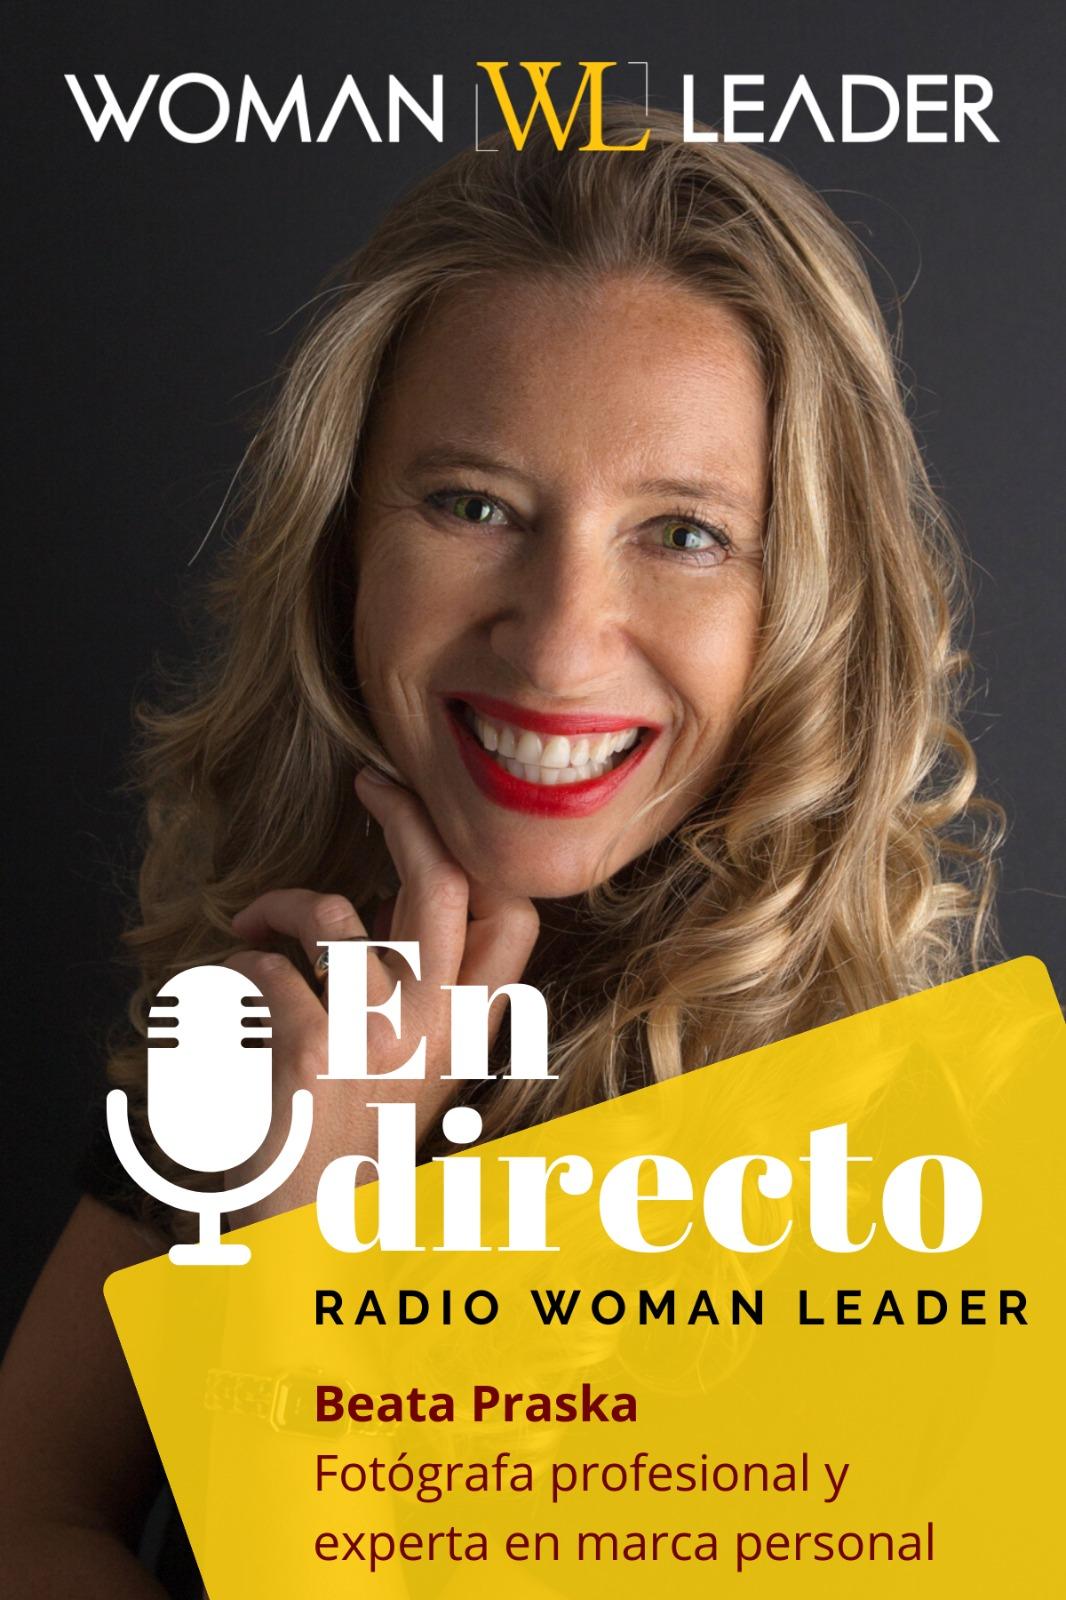 foto de Beata Praska y su entrevista en Radio Libertad con Woman Leader Org